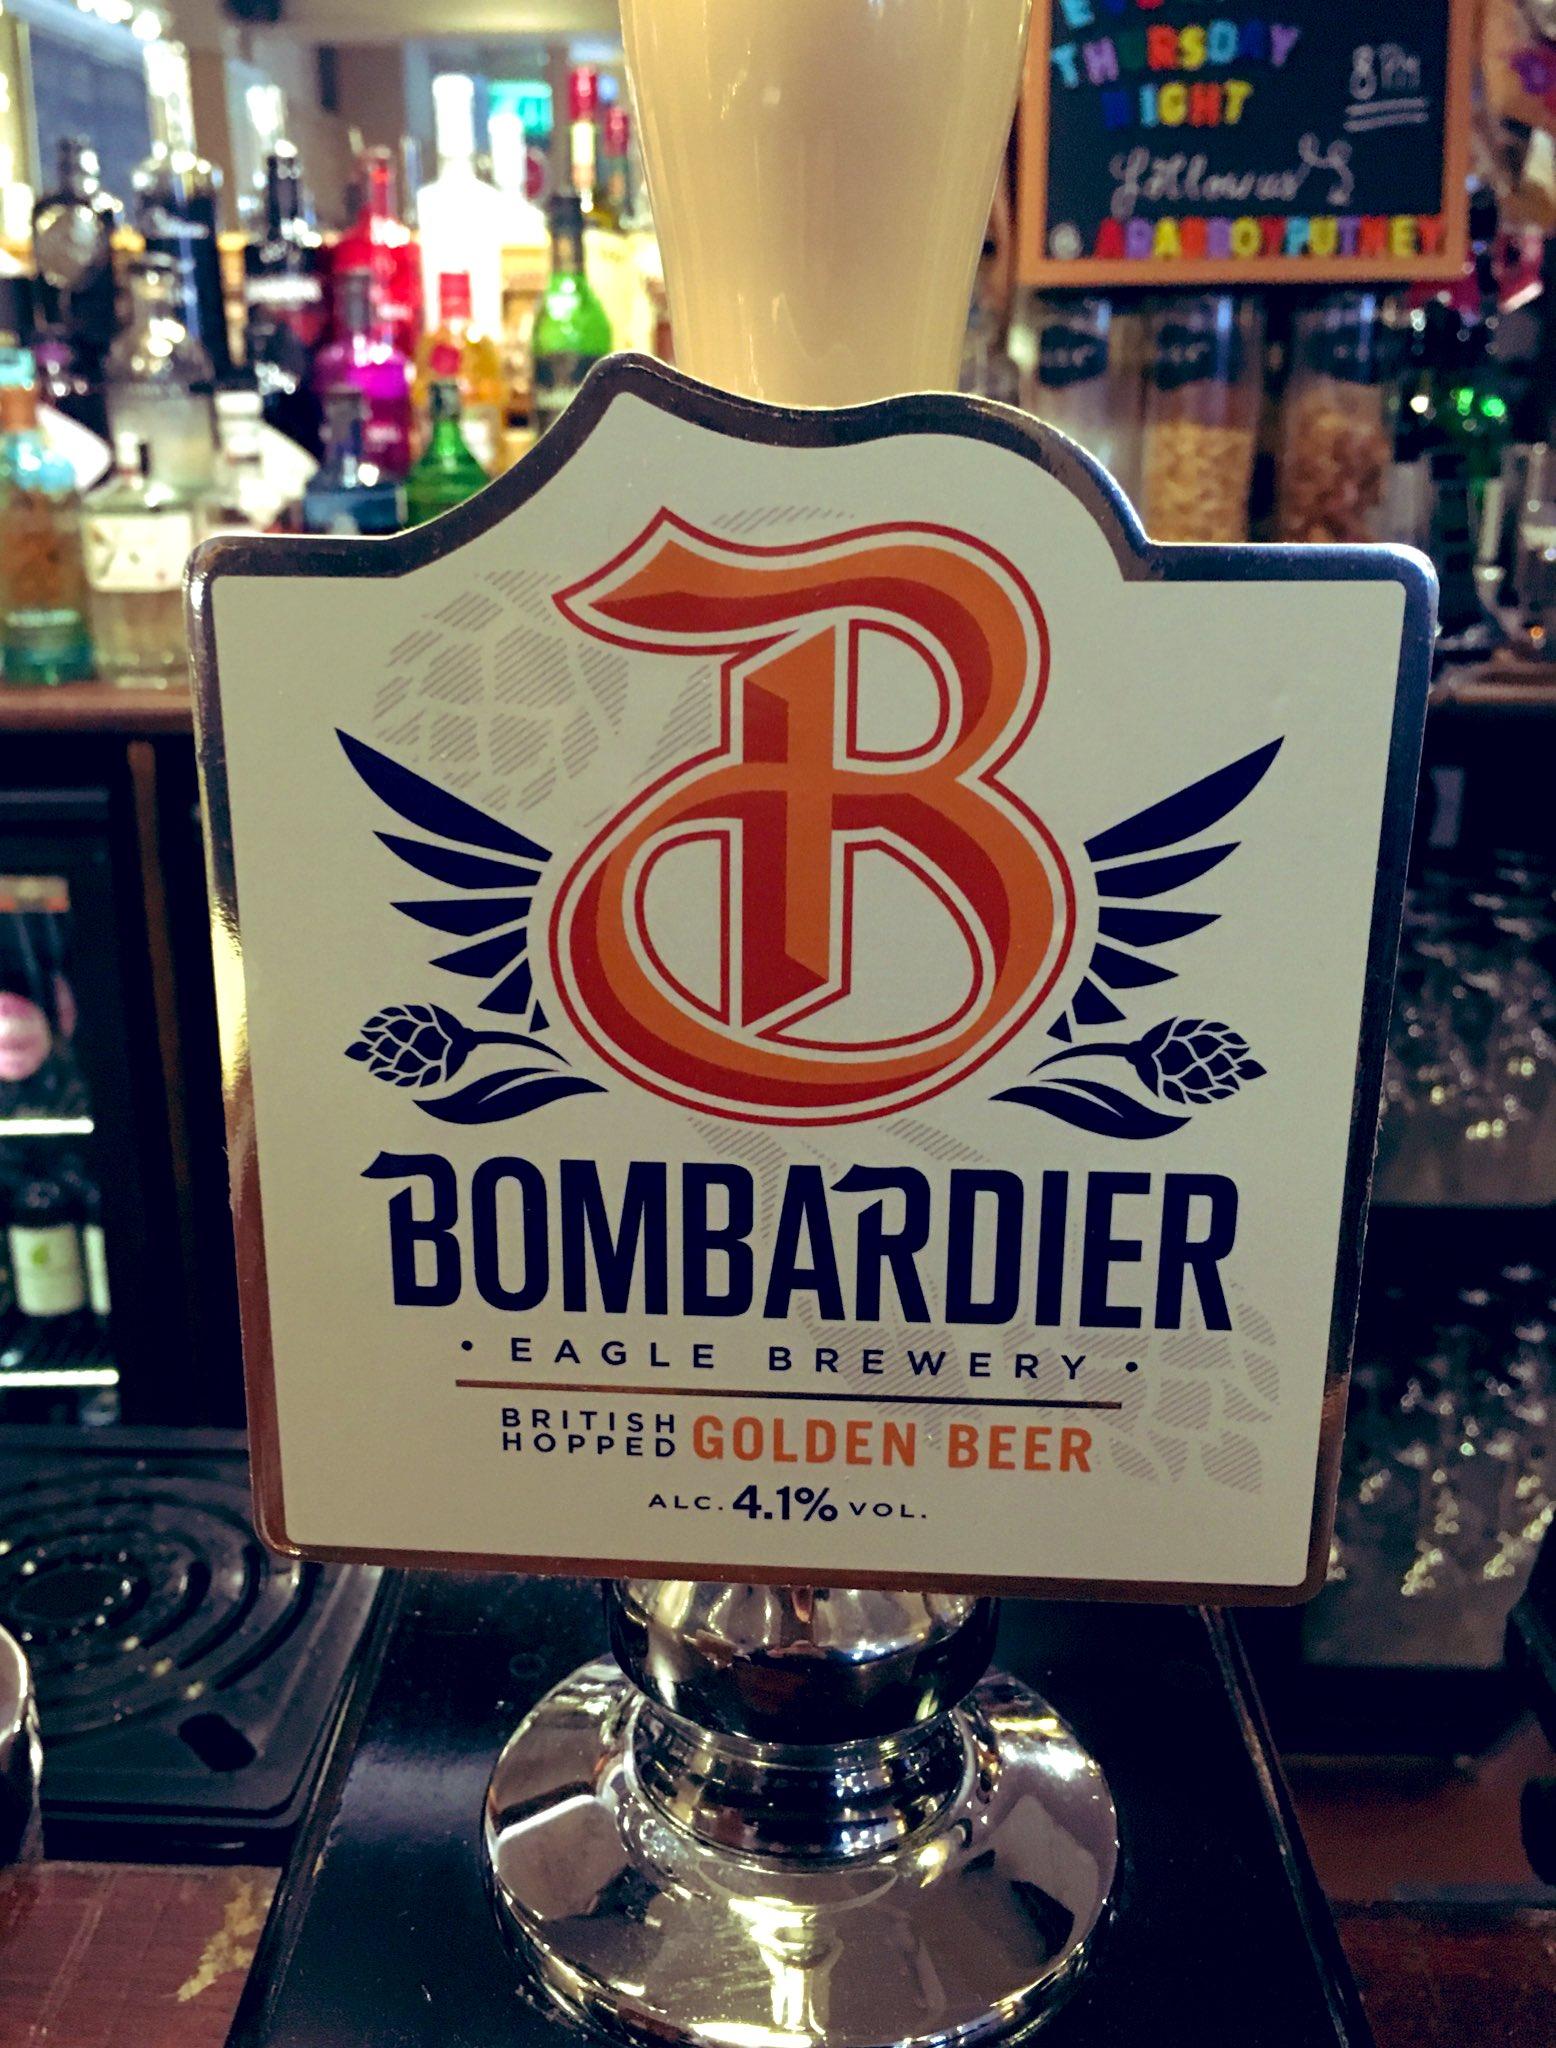 135: Bombardier